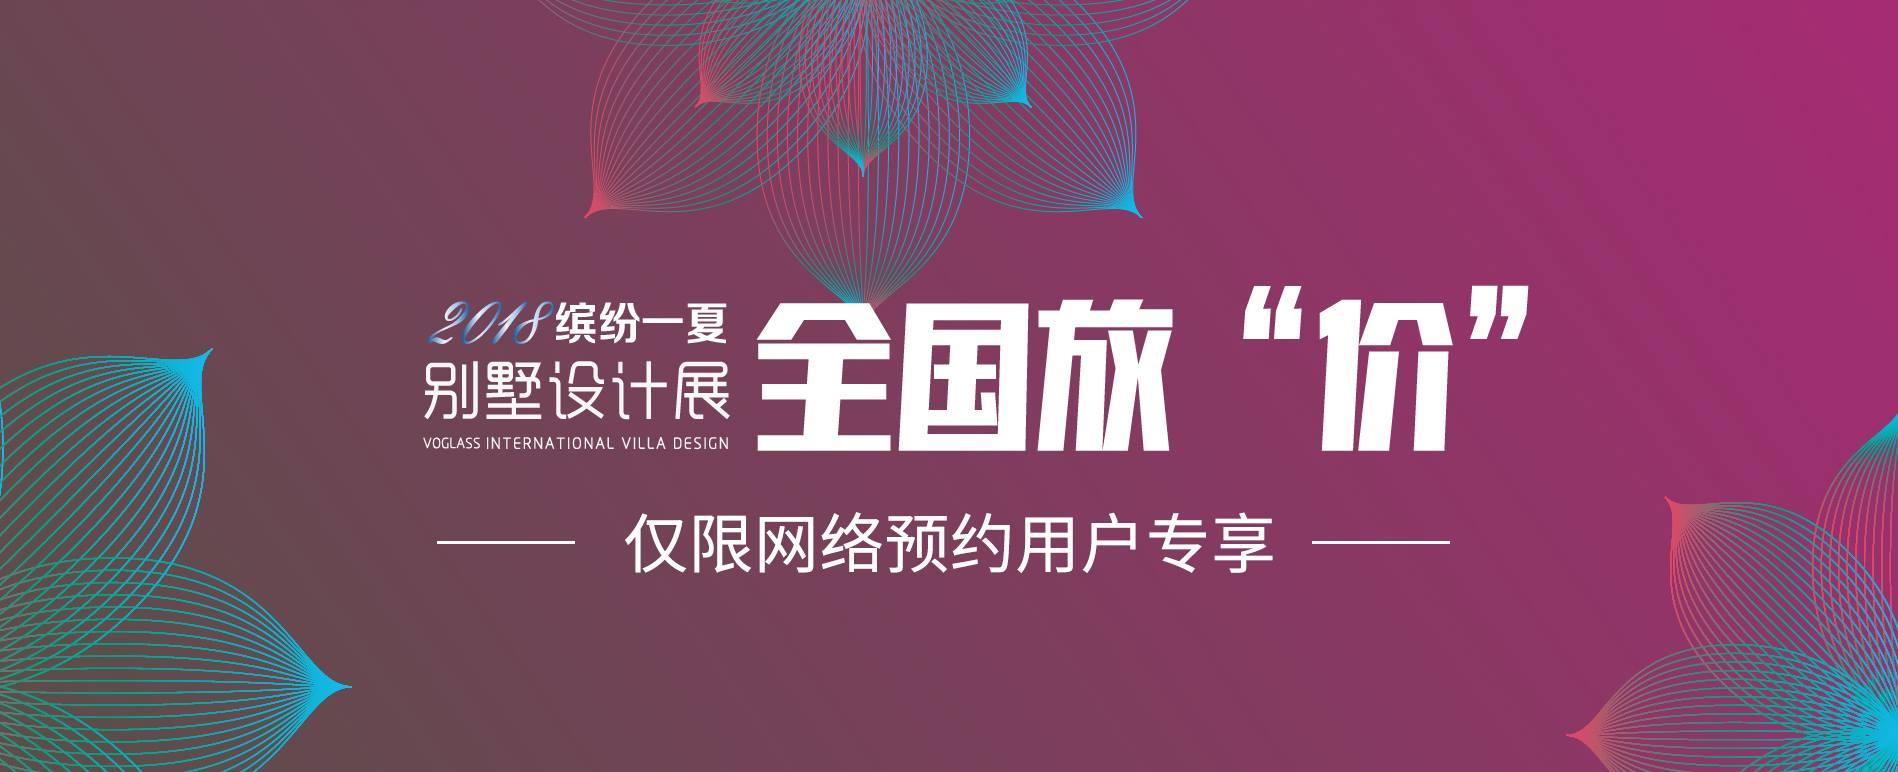 2018别墅设计展,杭州别墅设计公司,杭州尚层装饰